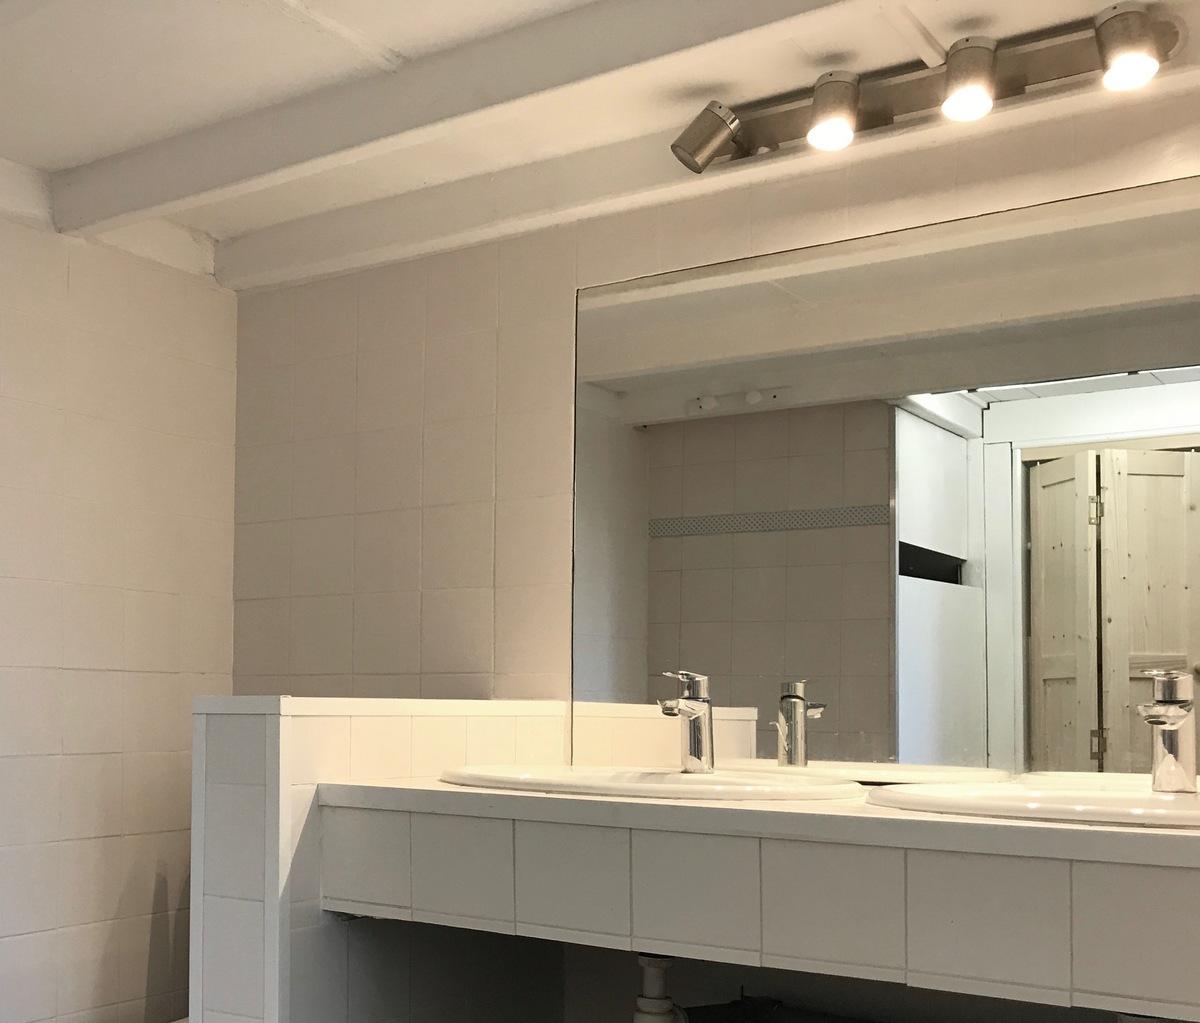 Vente achat appartement marseille 8 13008 for Marseille achat